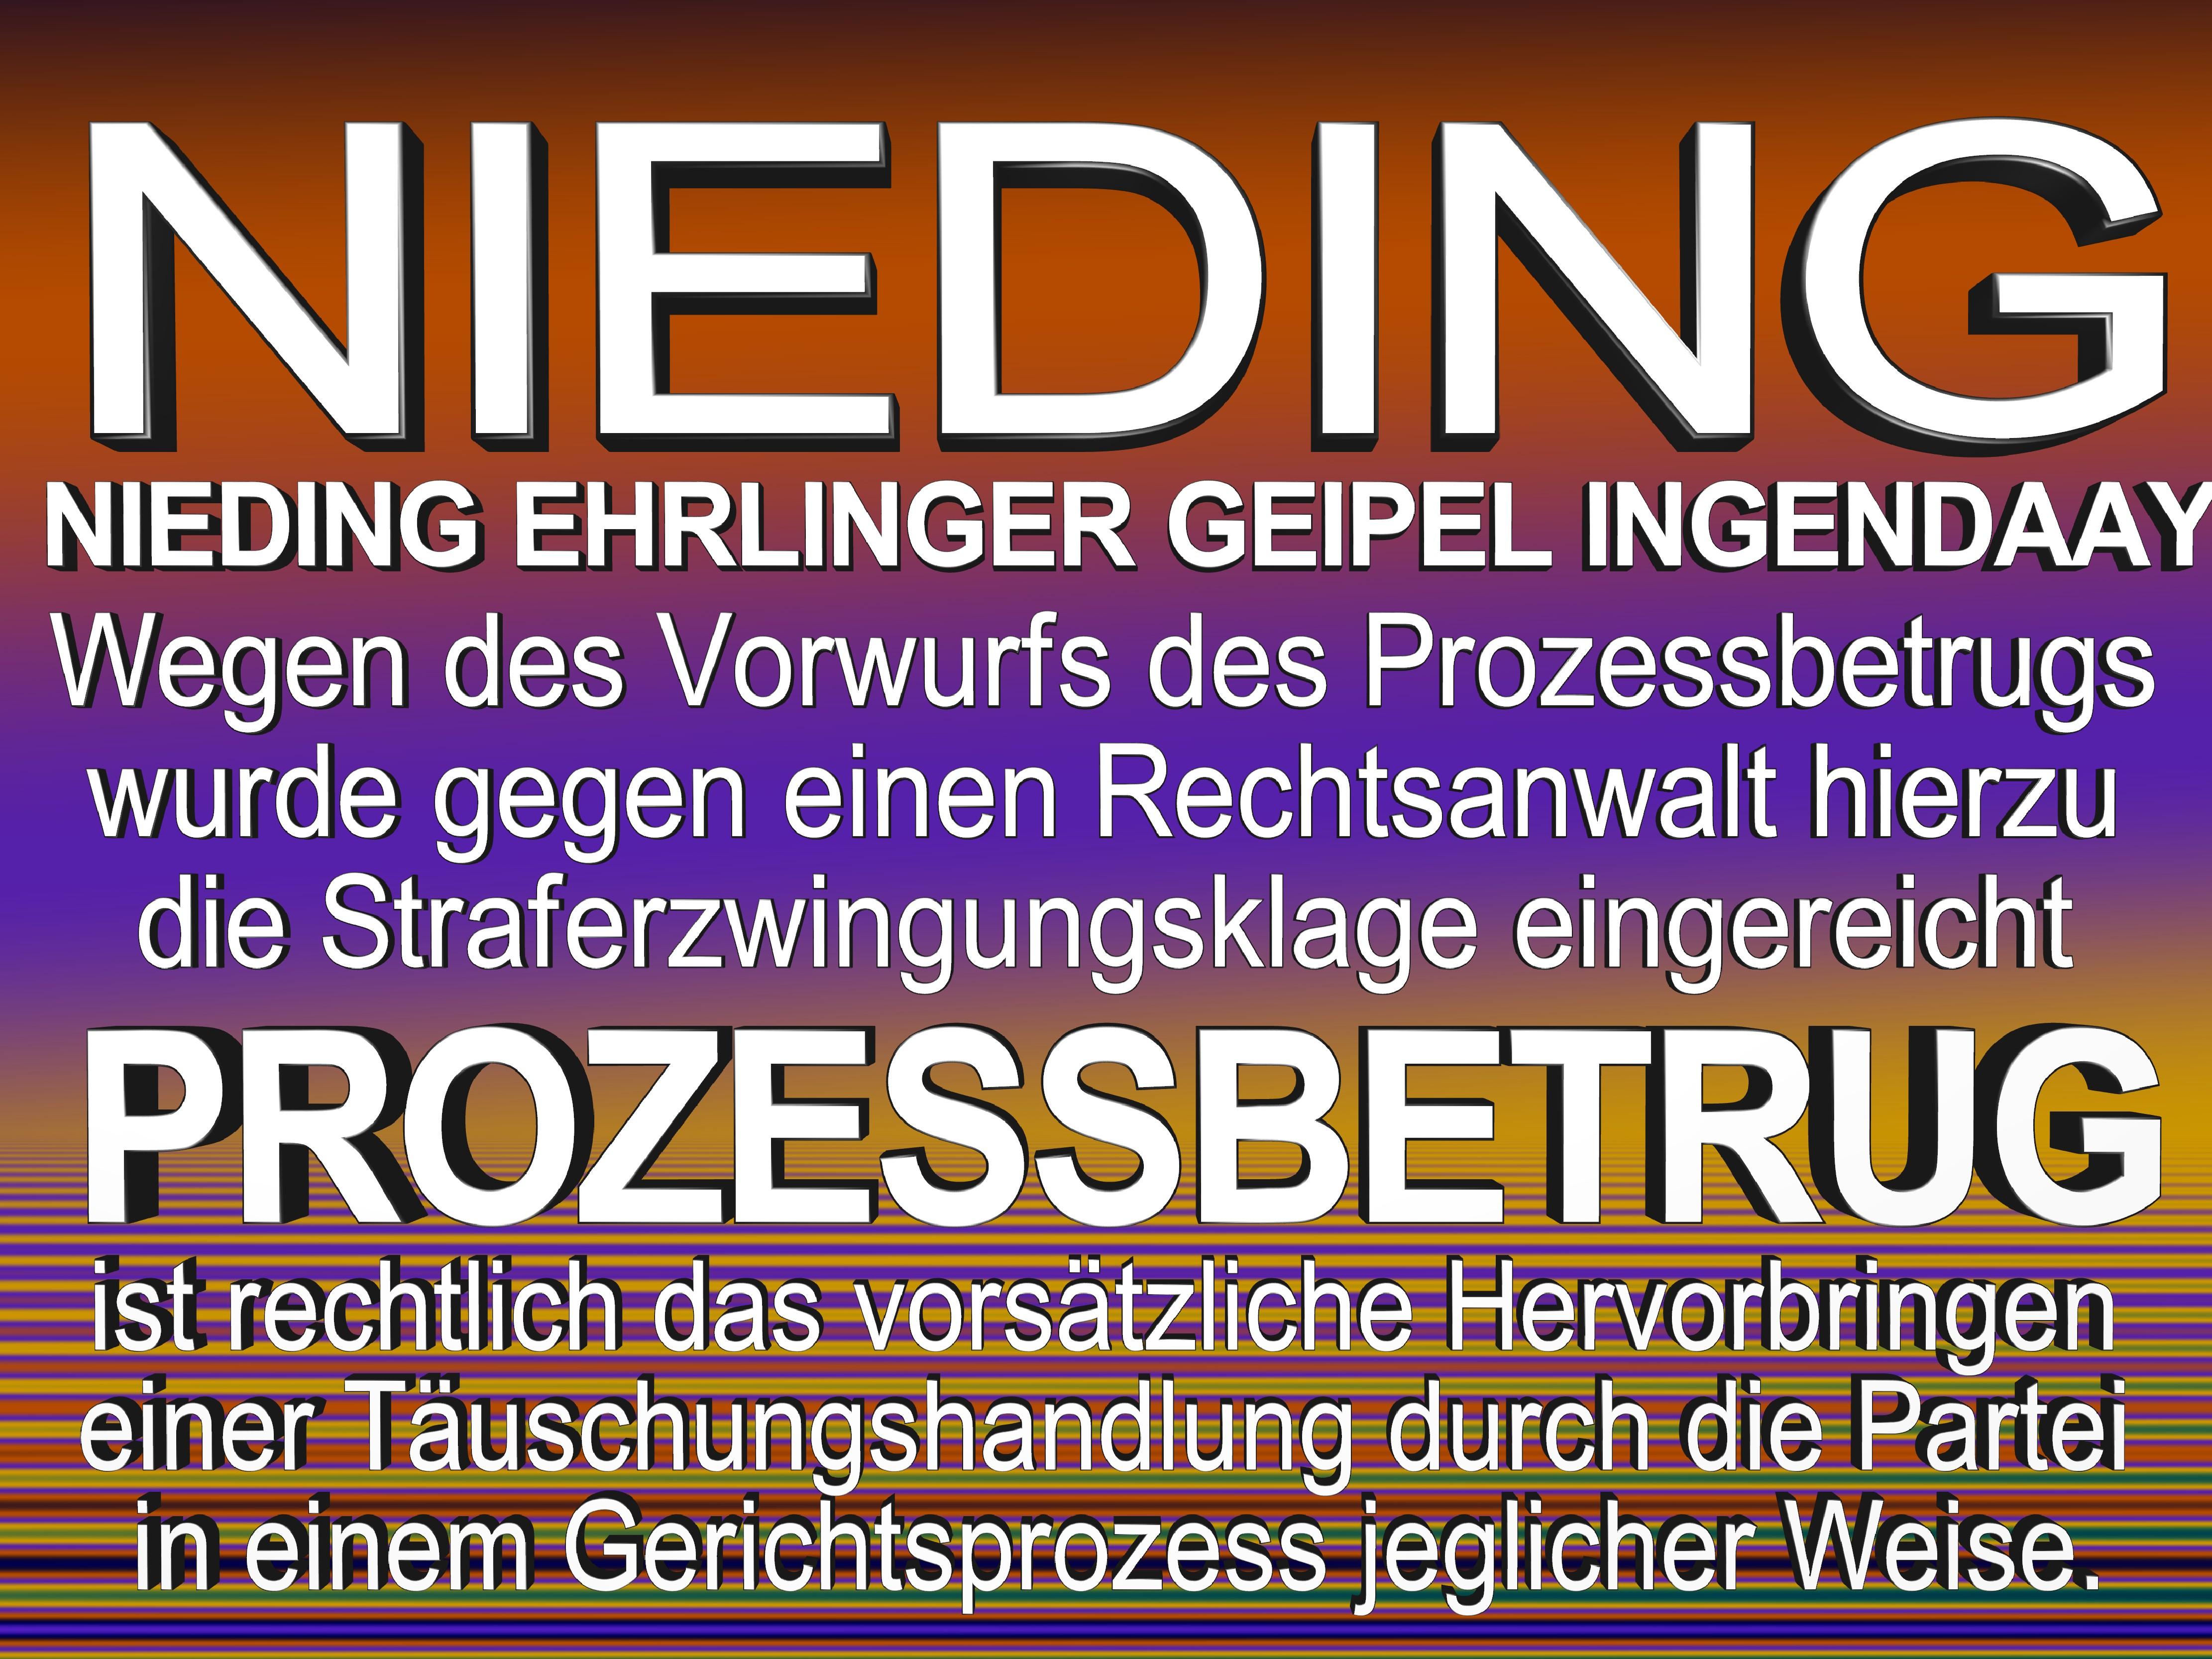 NIEDING EHRLINGER GEIPEL INGENDAAY LELKE Kurfürstendamm 66 Berlin (33)